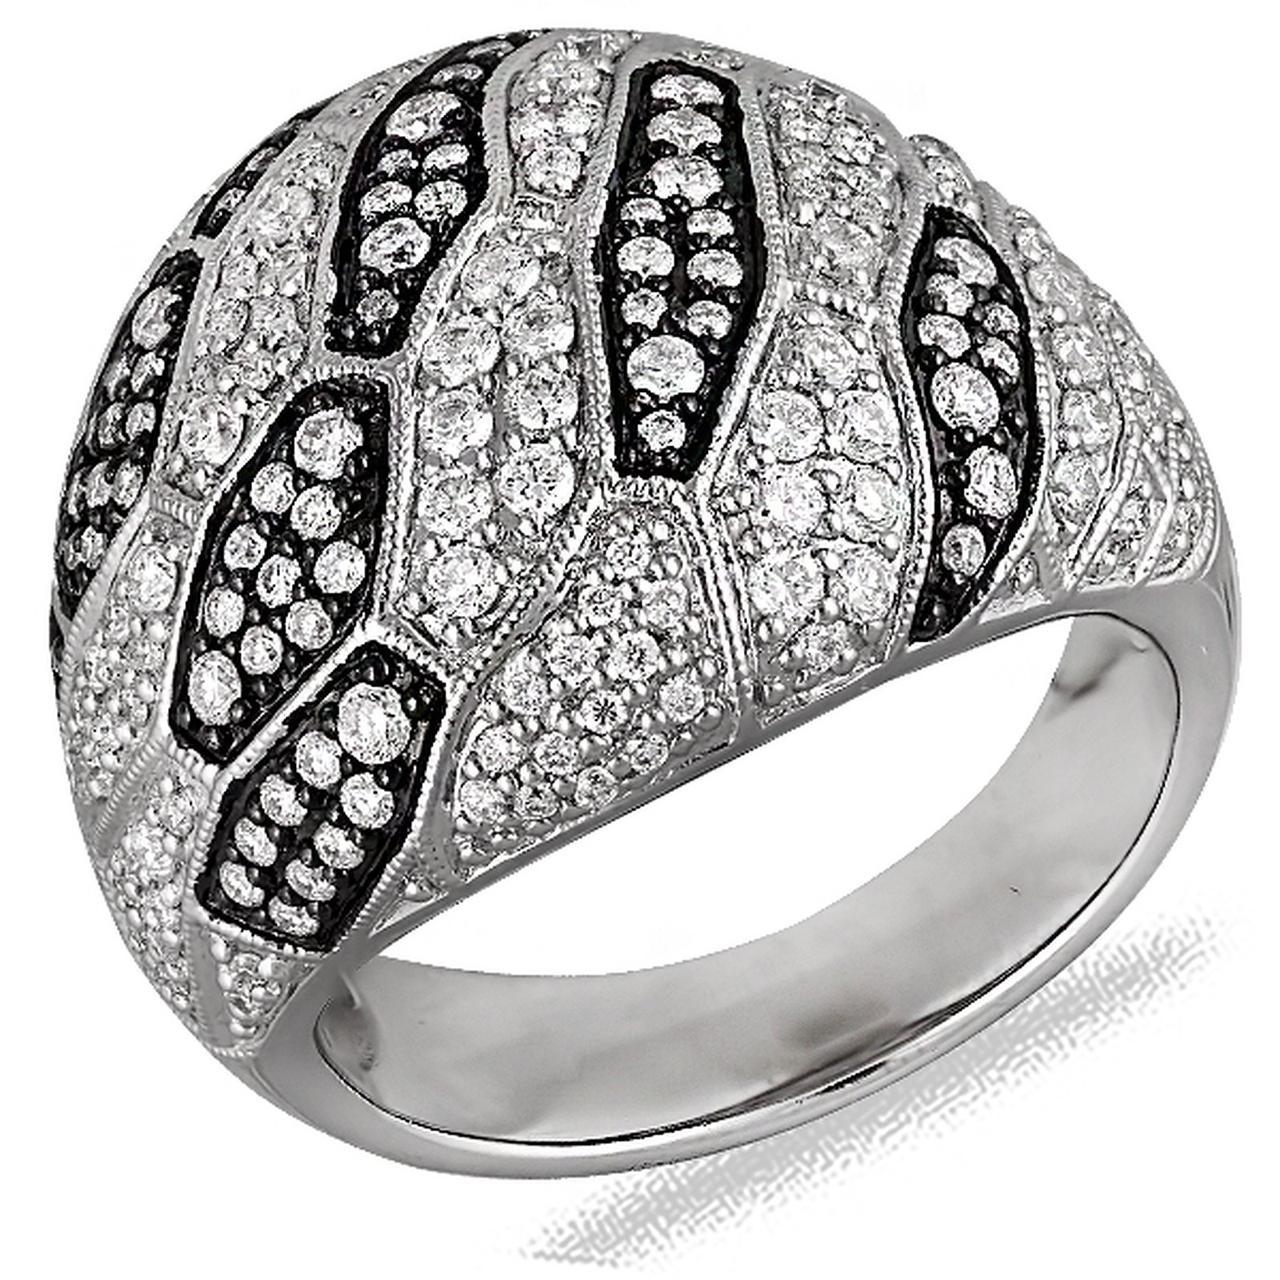 Золотое кольцо с бриллиантами, размер 17 (048335)